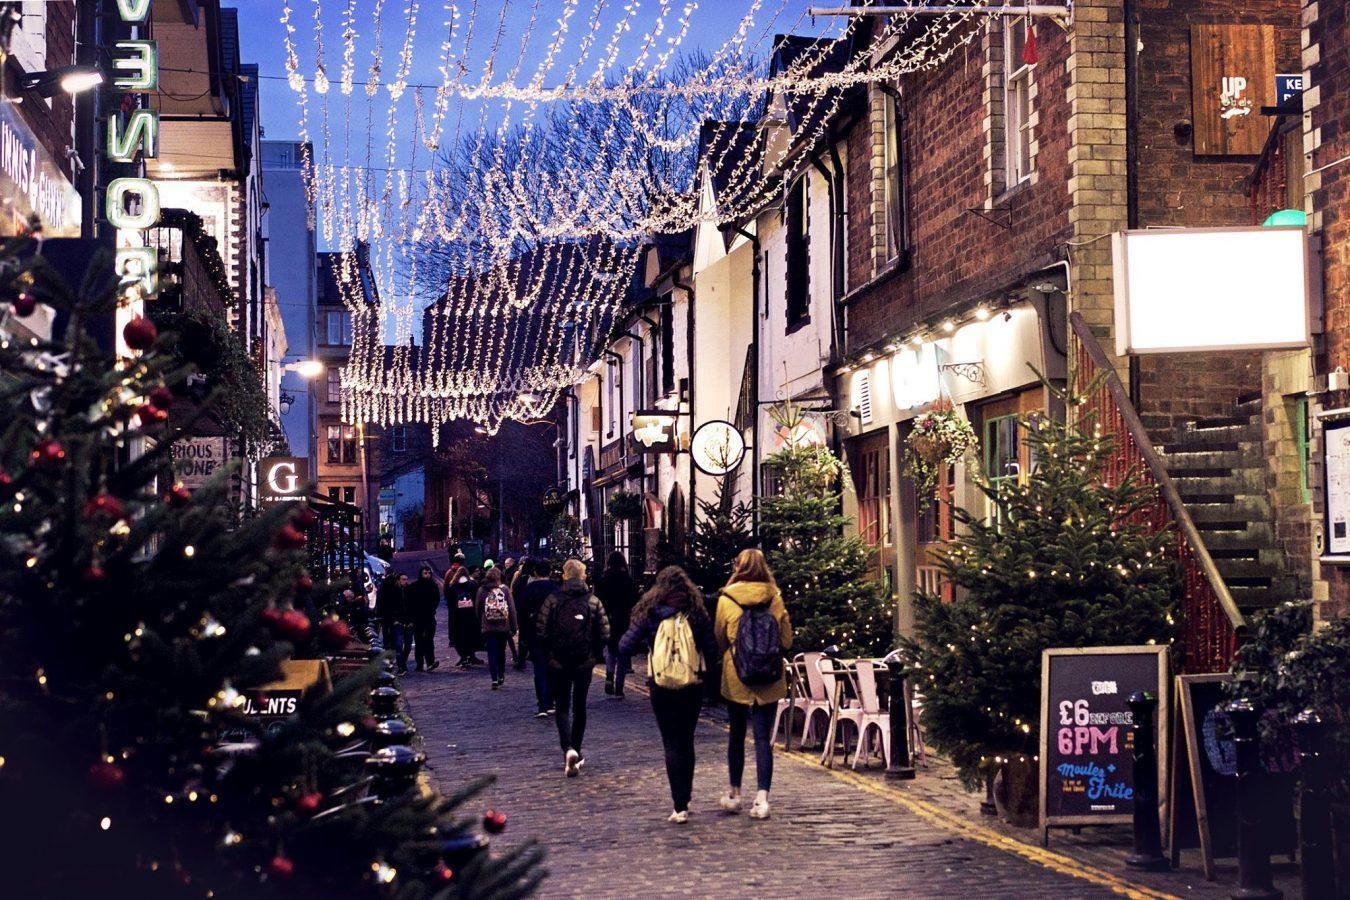 Ashton Lane at Christmas